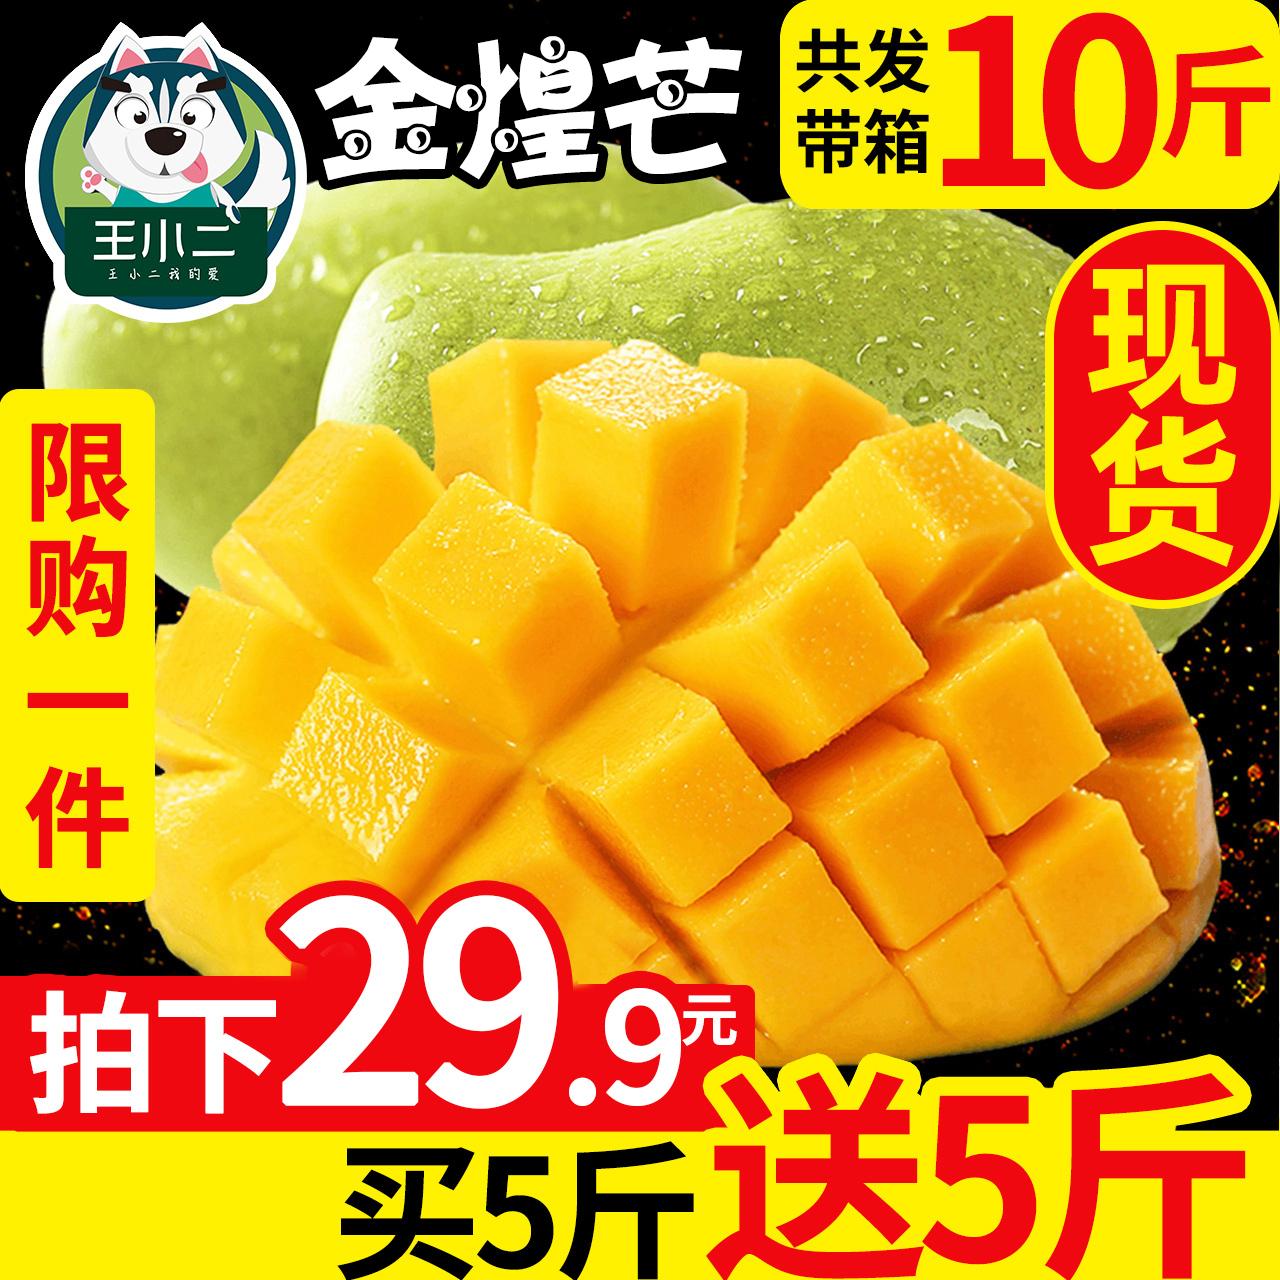 【买1送1】广西金煌芒果新鲜水果包邮青芒当季甜心芒大整带箱10斤